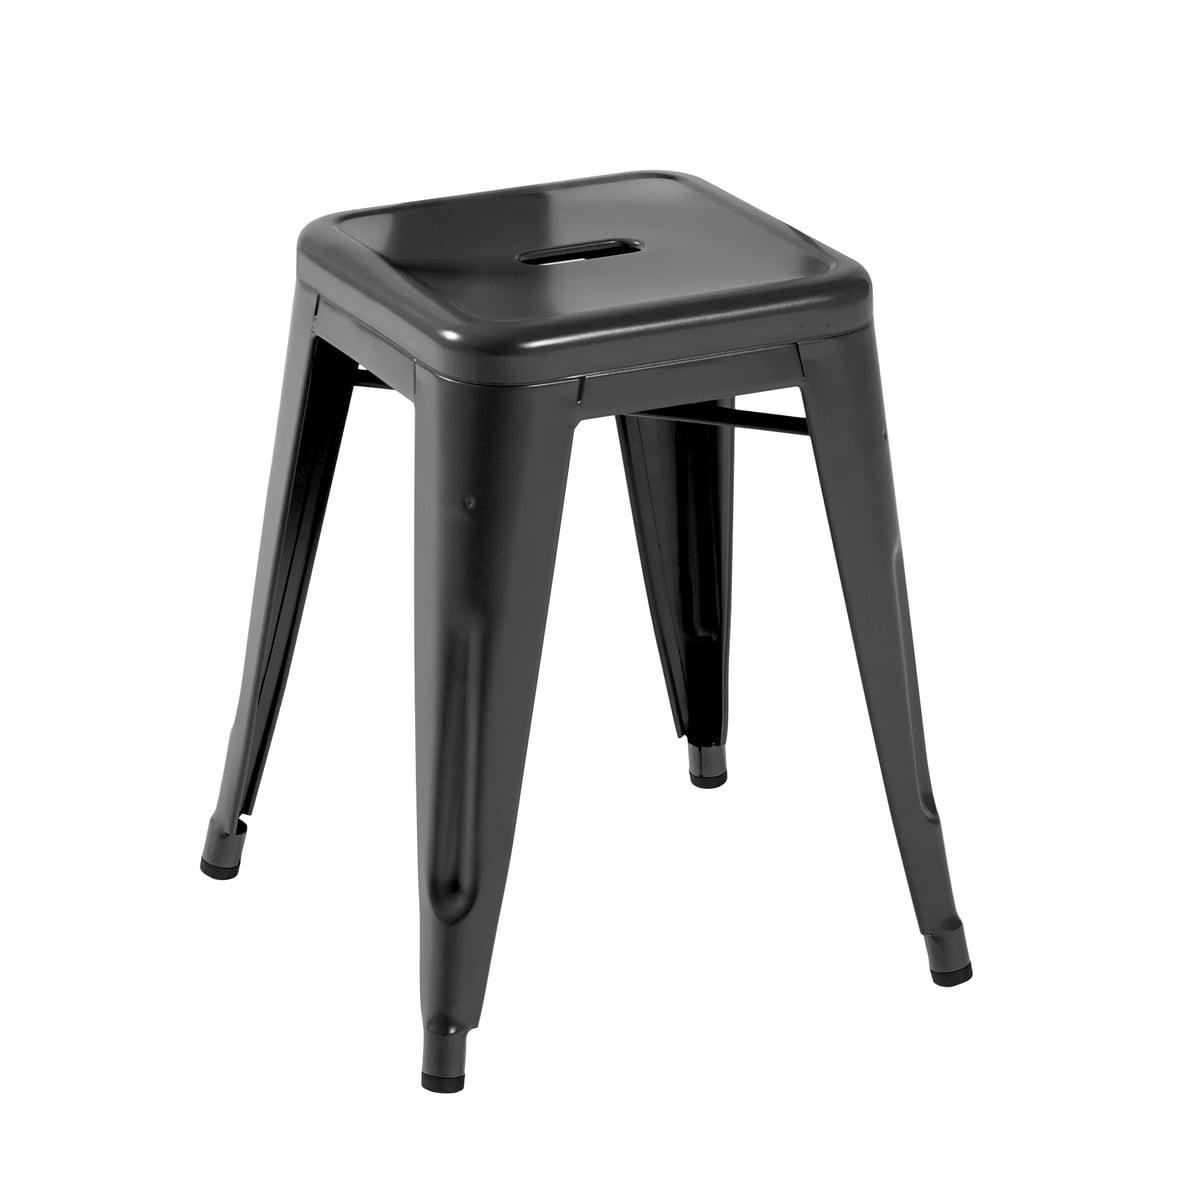 45 cm stahl hocker von tolix online kaufen. Black Bedroom Furniture Sets. Home Design Ideas